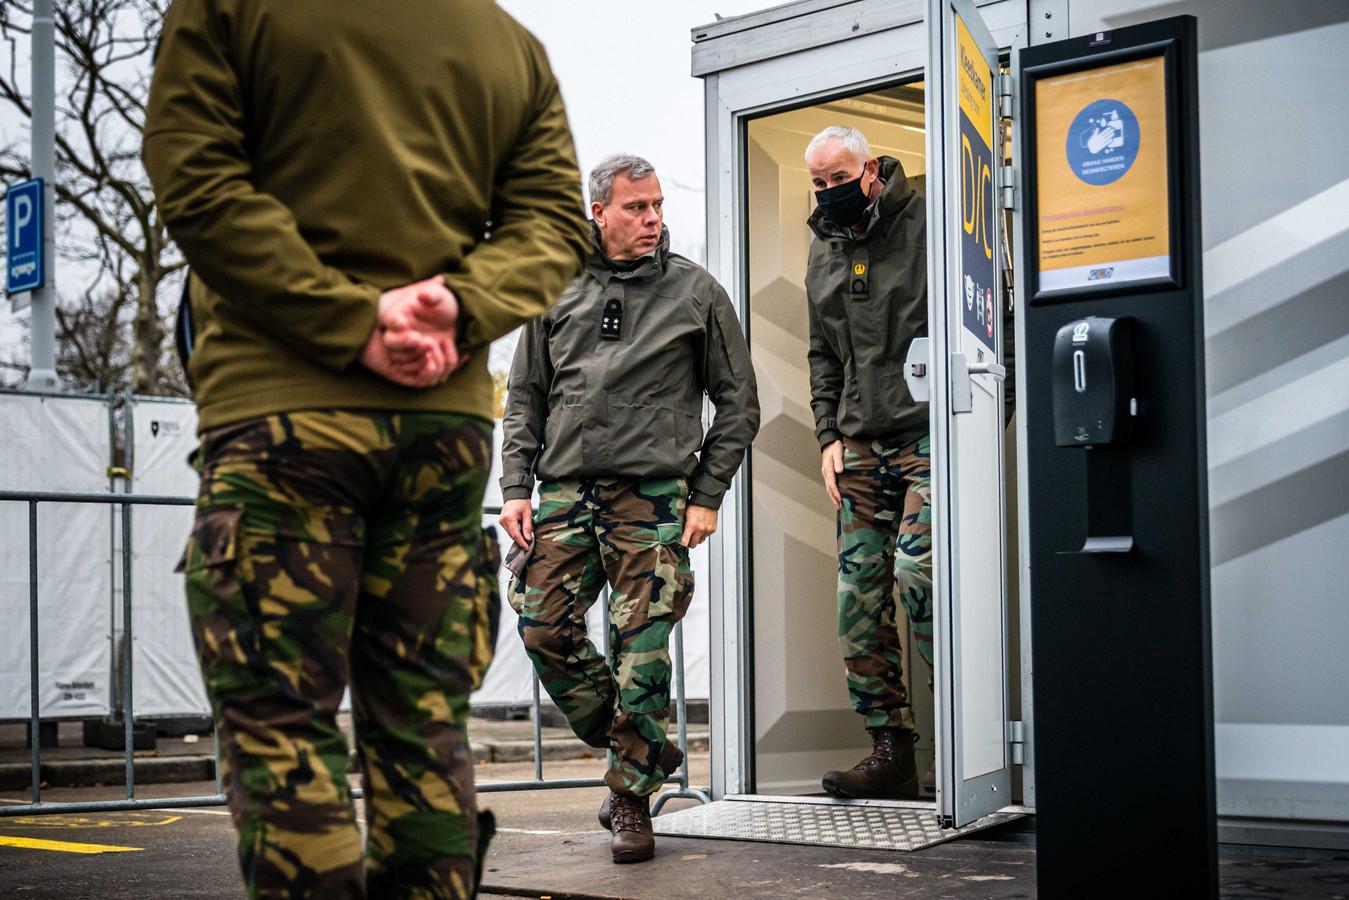 Oud-commandant der Strijdkrachten Rob Bauer bezoekt de XL-teststraat in Eindhoven. Foto ter illustratie.